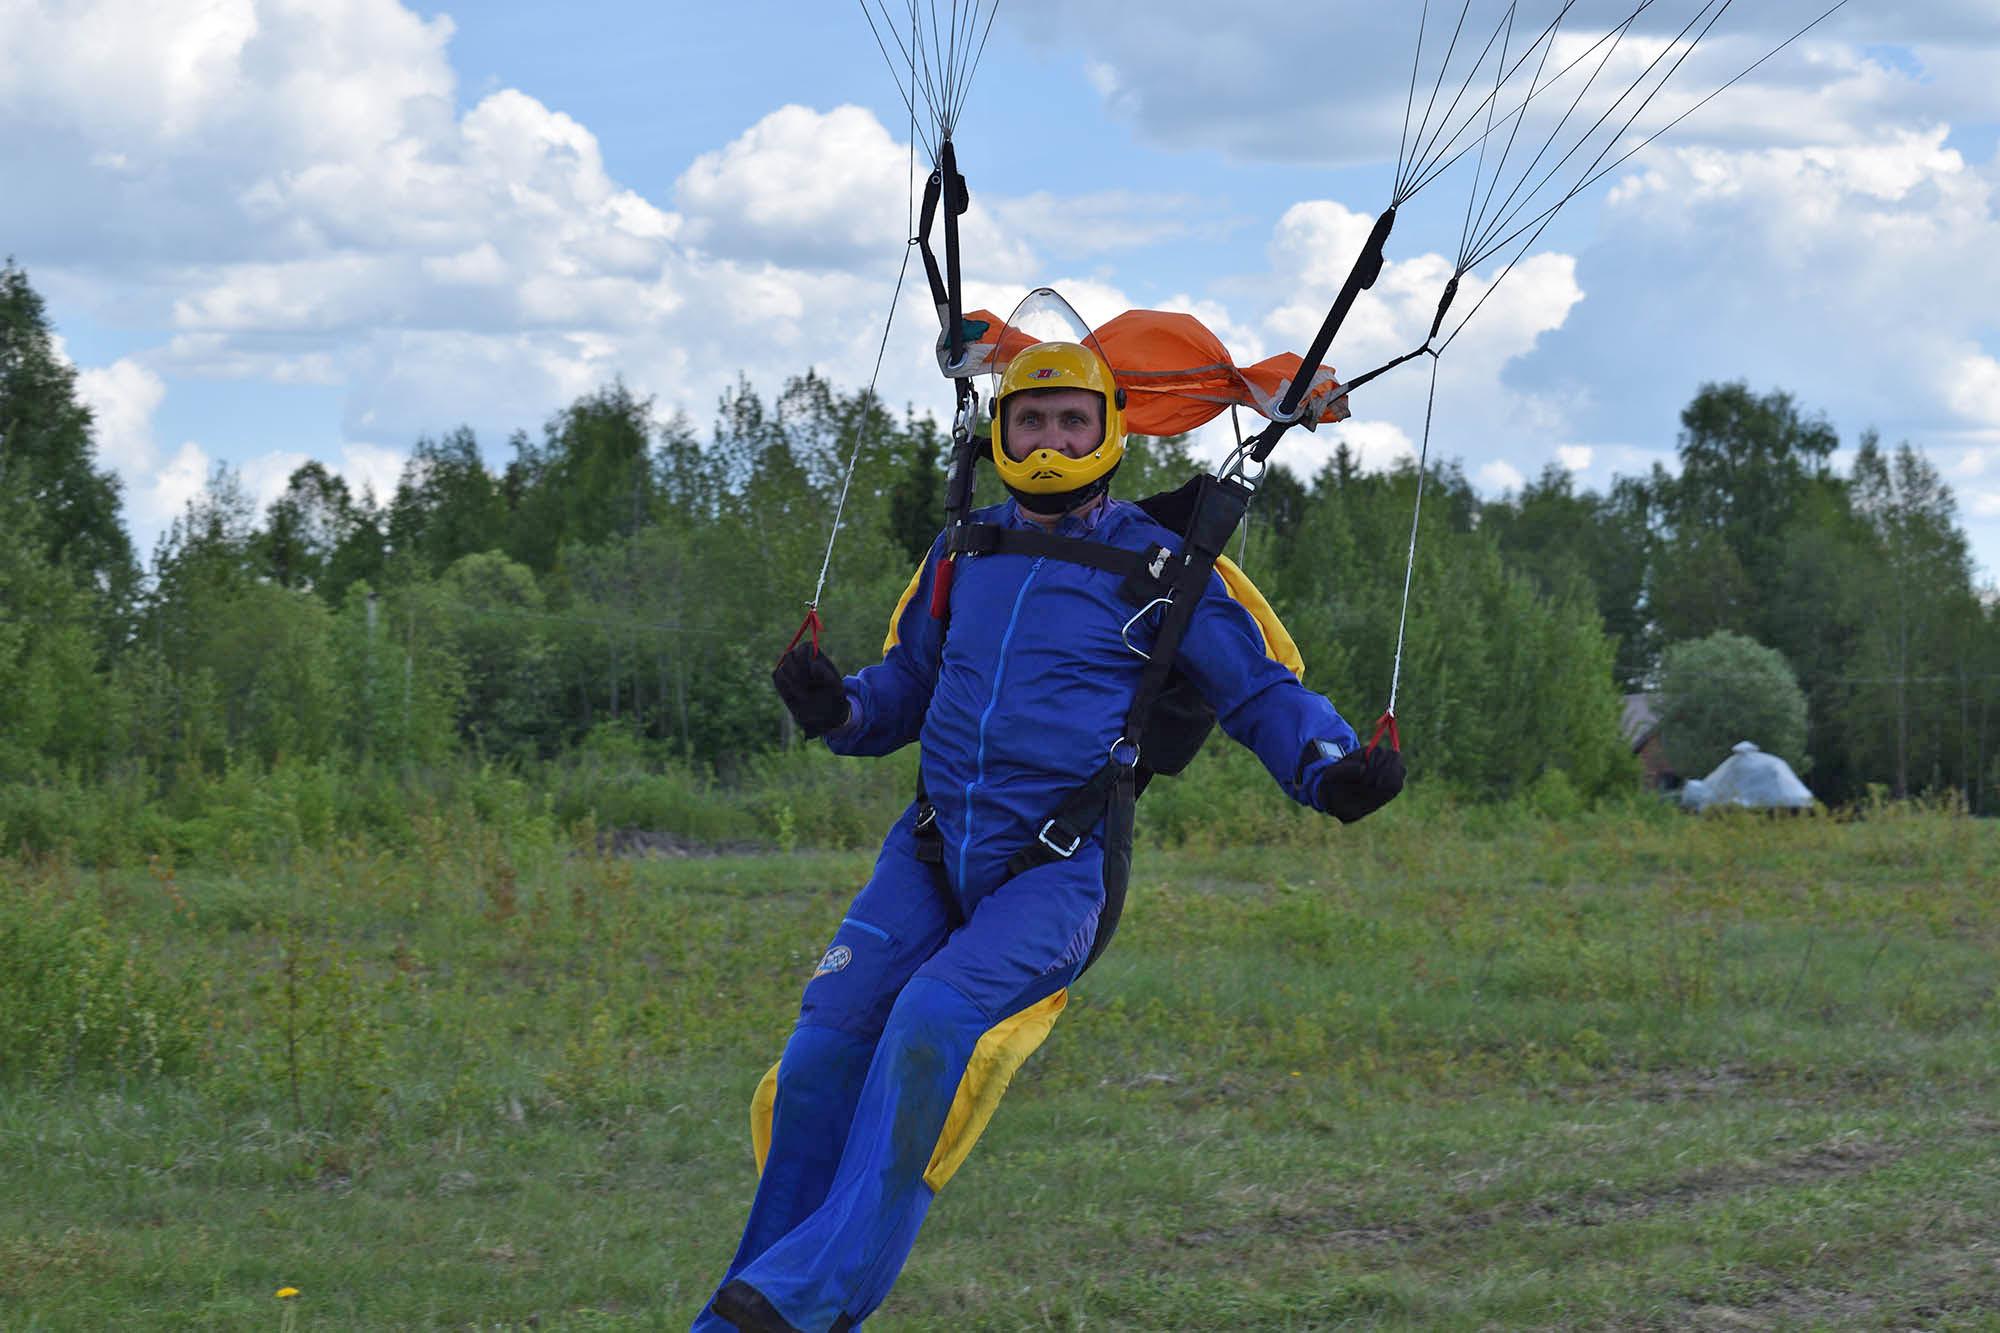 На парашютных комбинезонах для групповой акробатики есть захваты — «колбаски» из поролона на плечах и ногах. Обычно они контрастного цвета и хорошо видны товарищам по команде